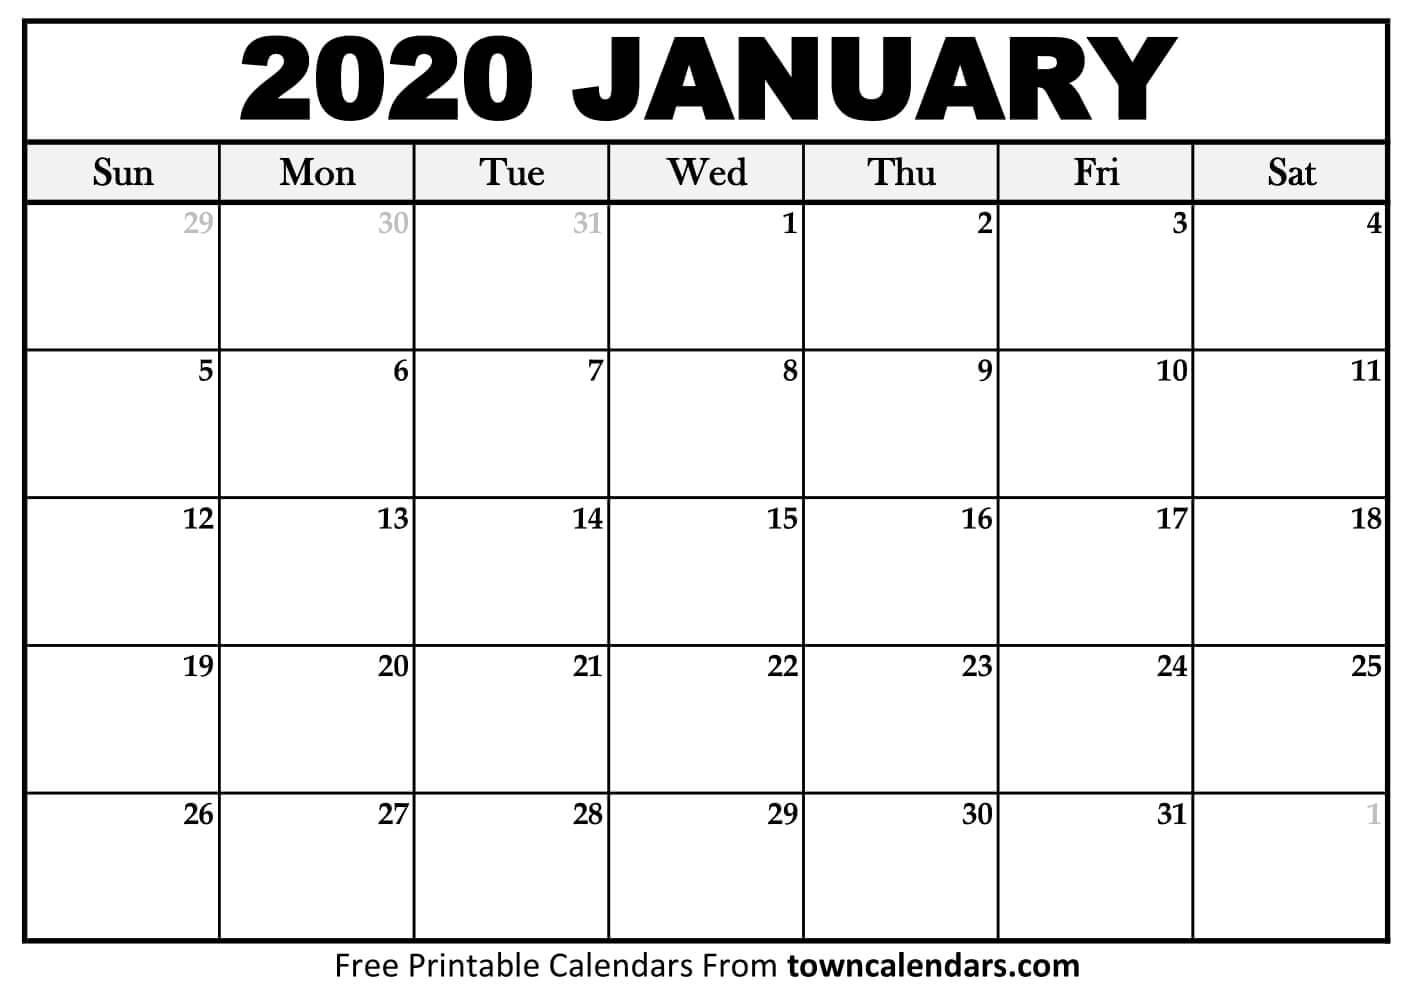 Printable January 2020 Calendar - Towncalendars for January 2020 Calendar